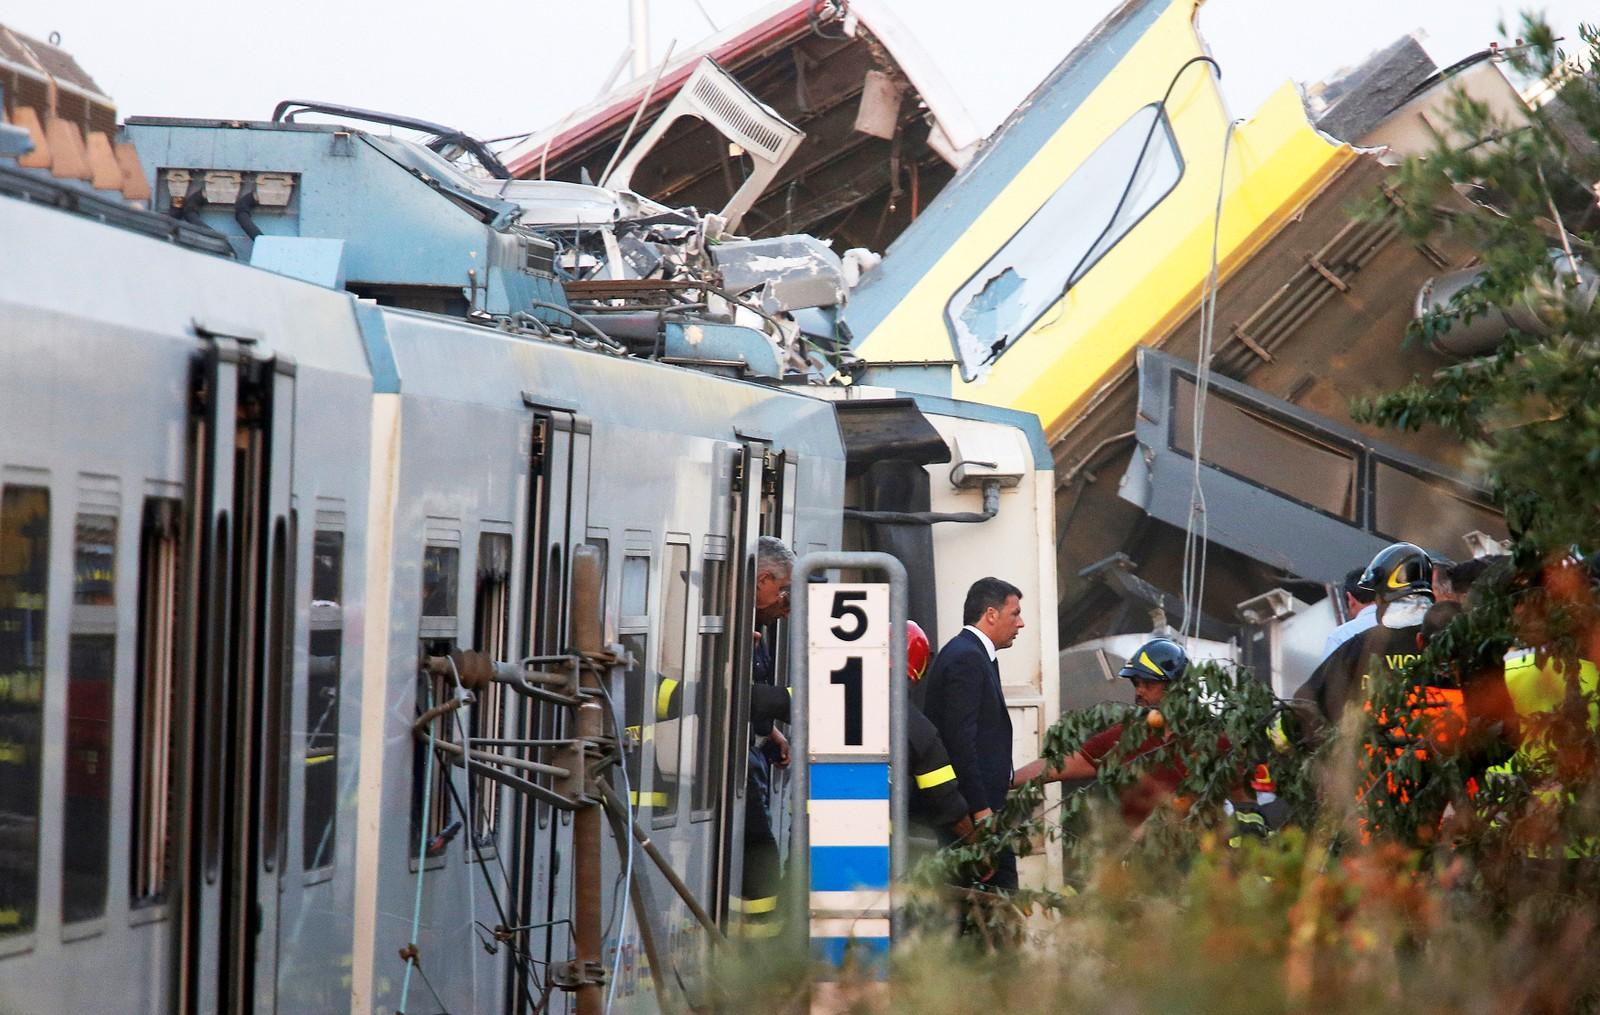 Statsminister Matteo Ranzi besøkte ulykkesstedet tirsdag kveld.